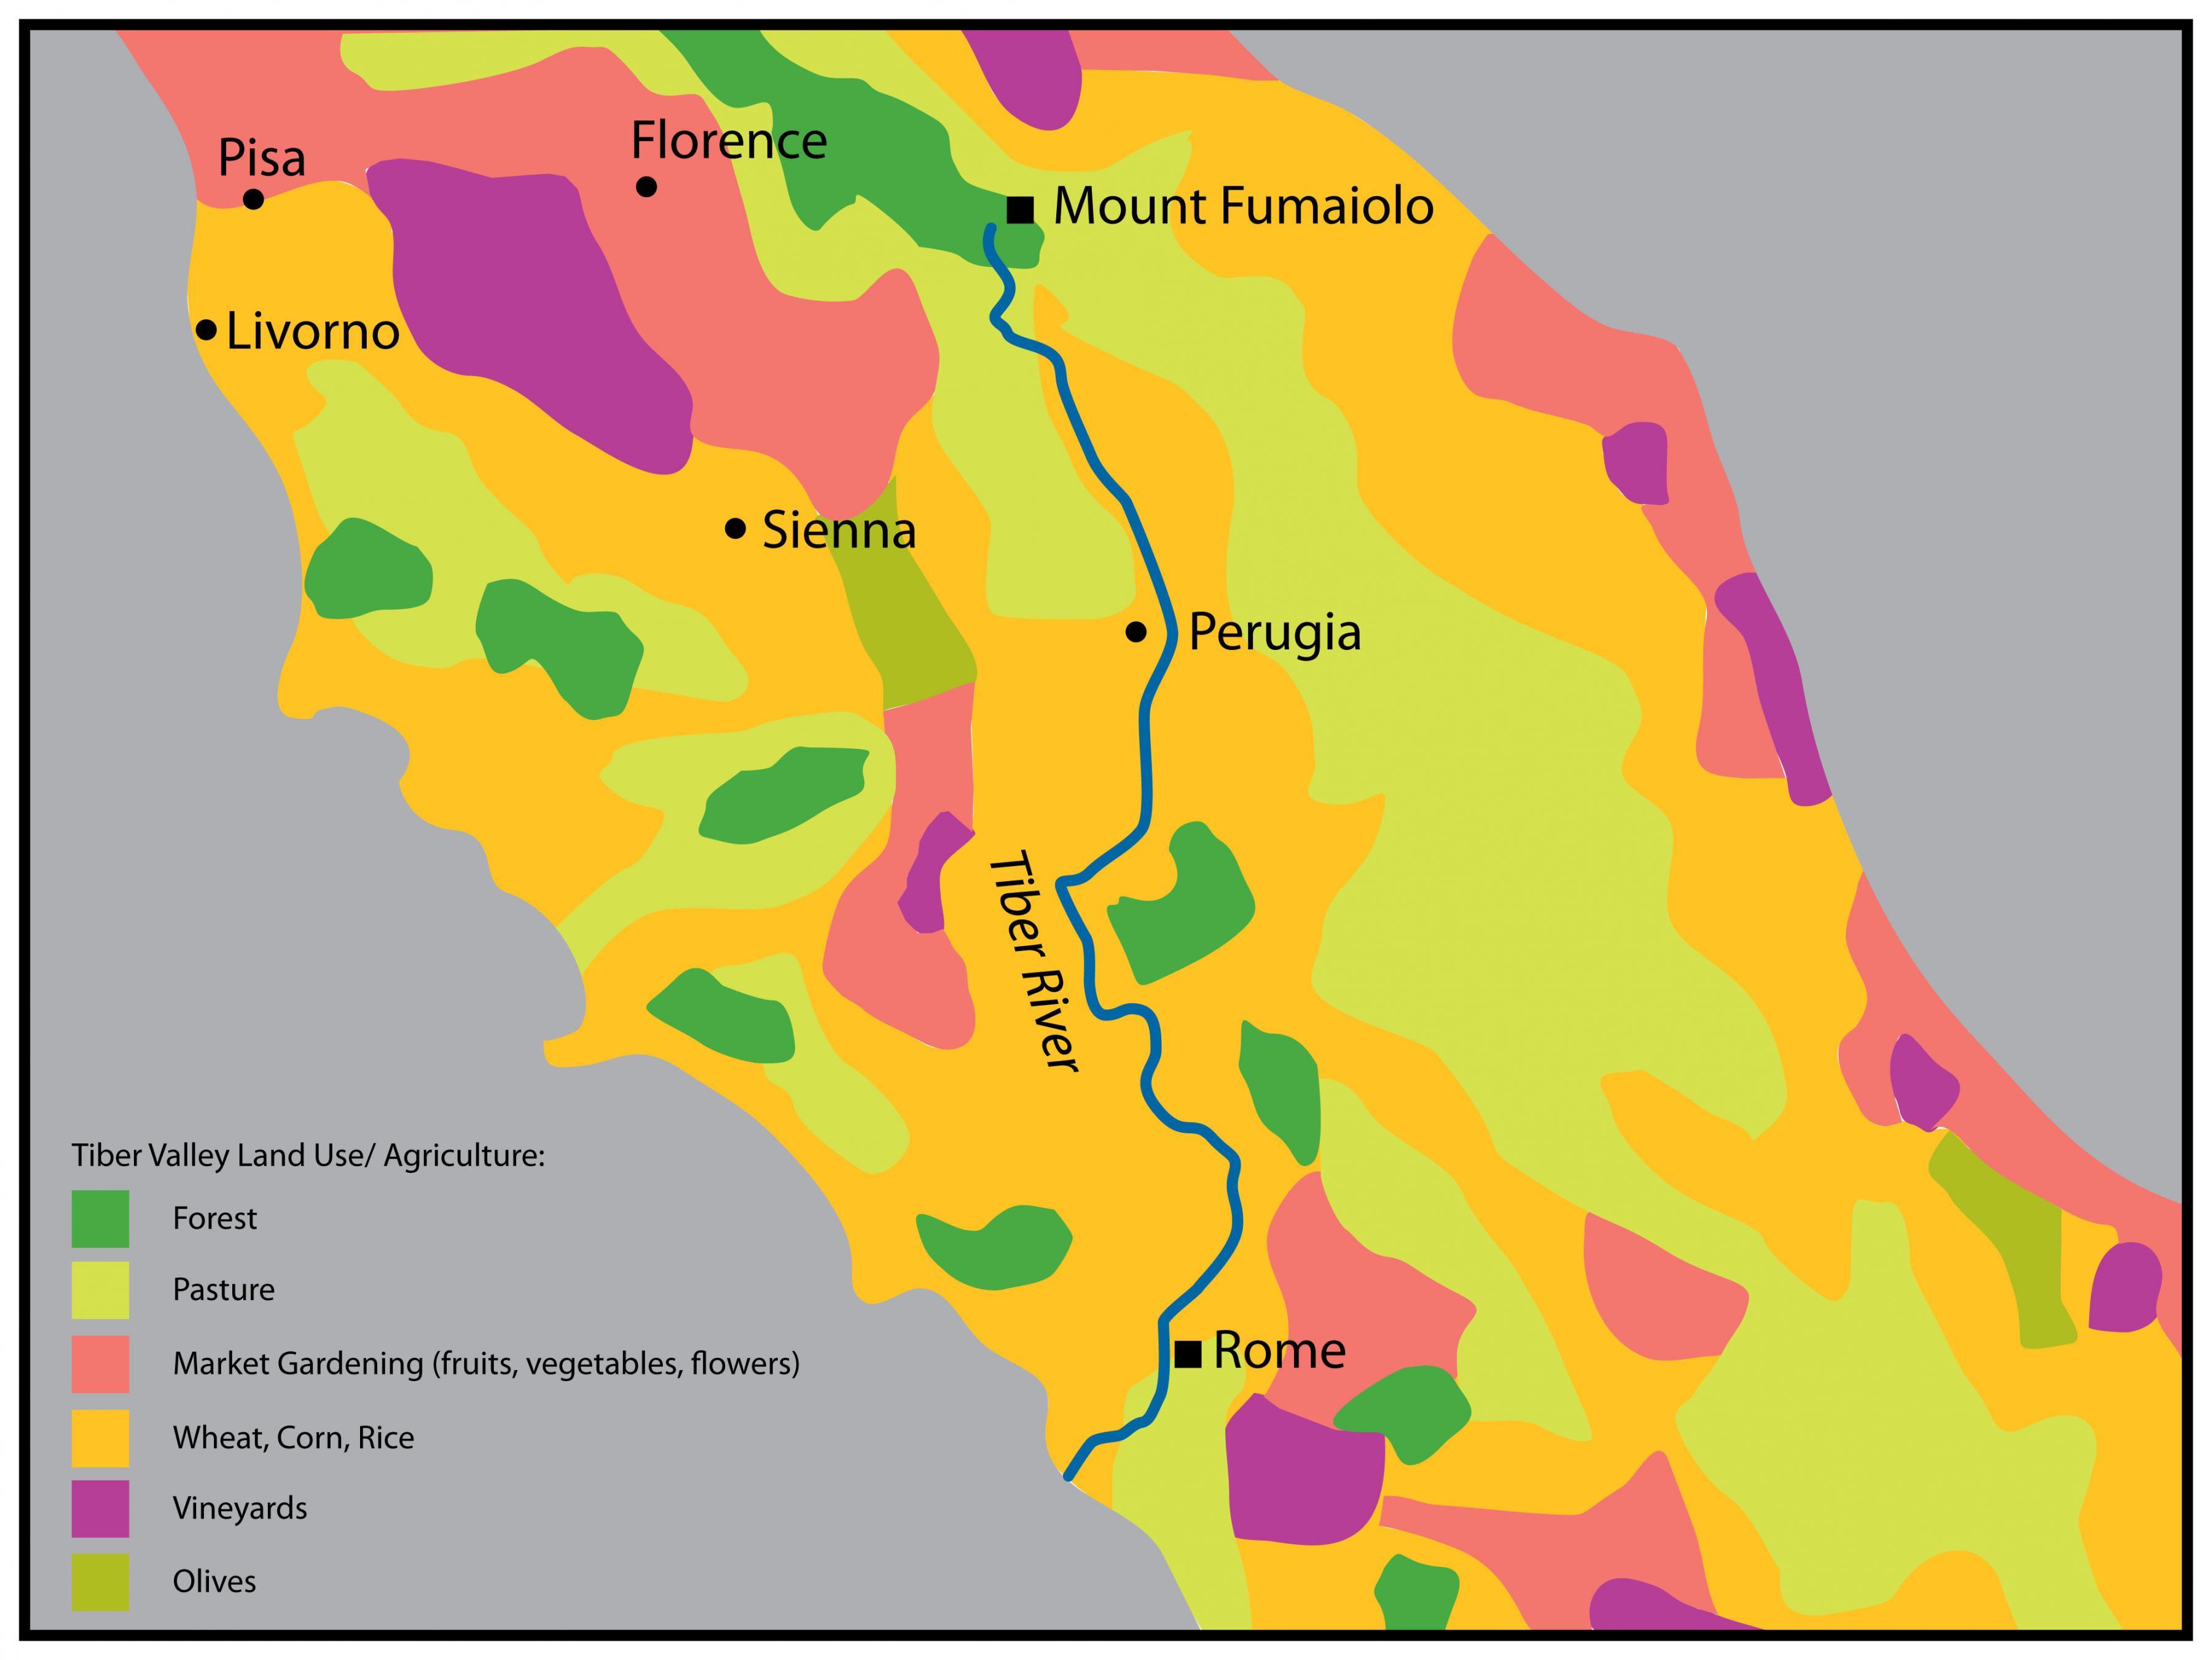 Drevni Rim Karta Rijeke Tiber Fizicka Karta Drevnog Rima Lazio